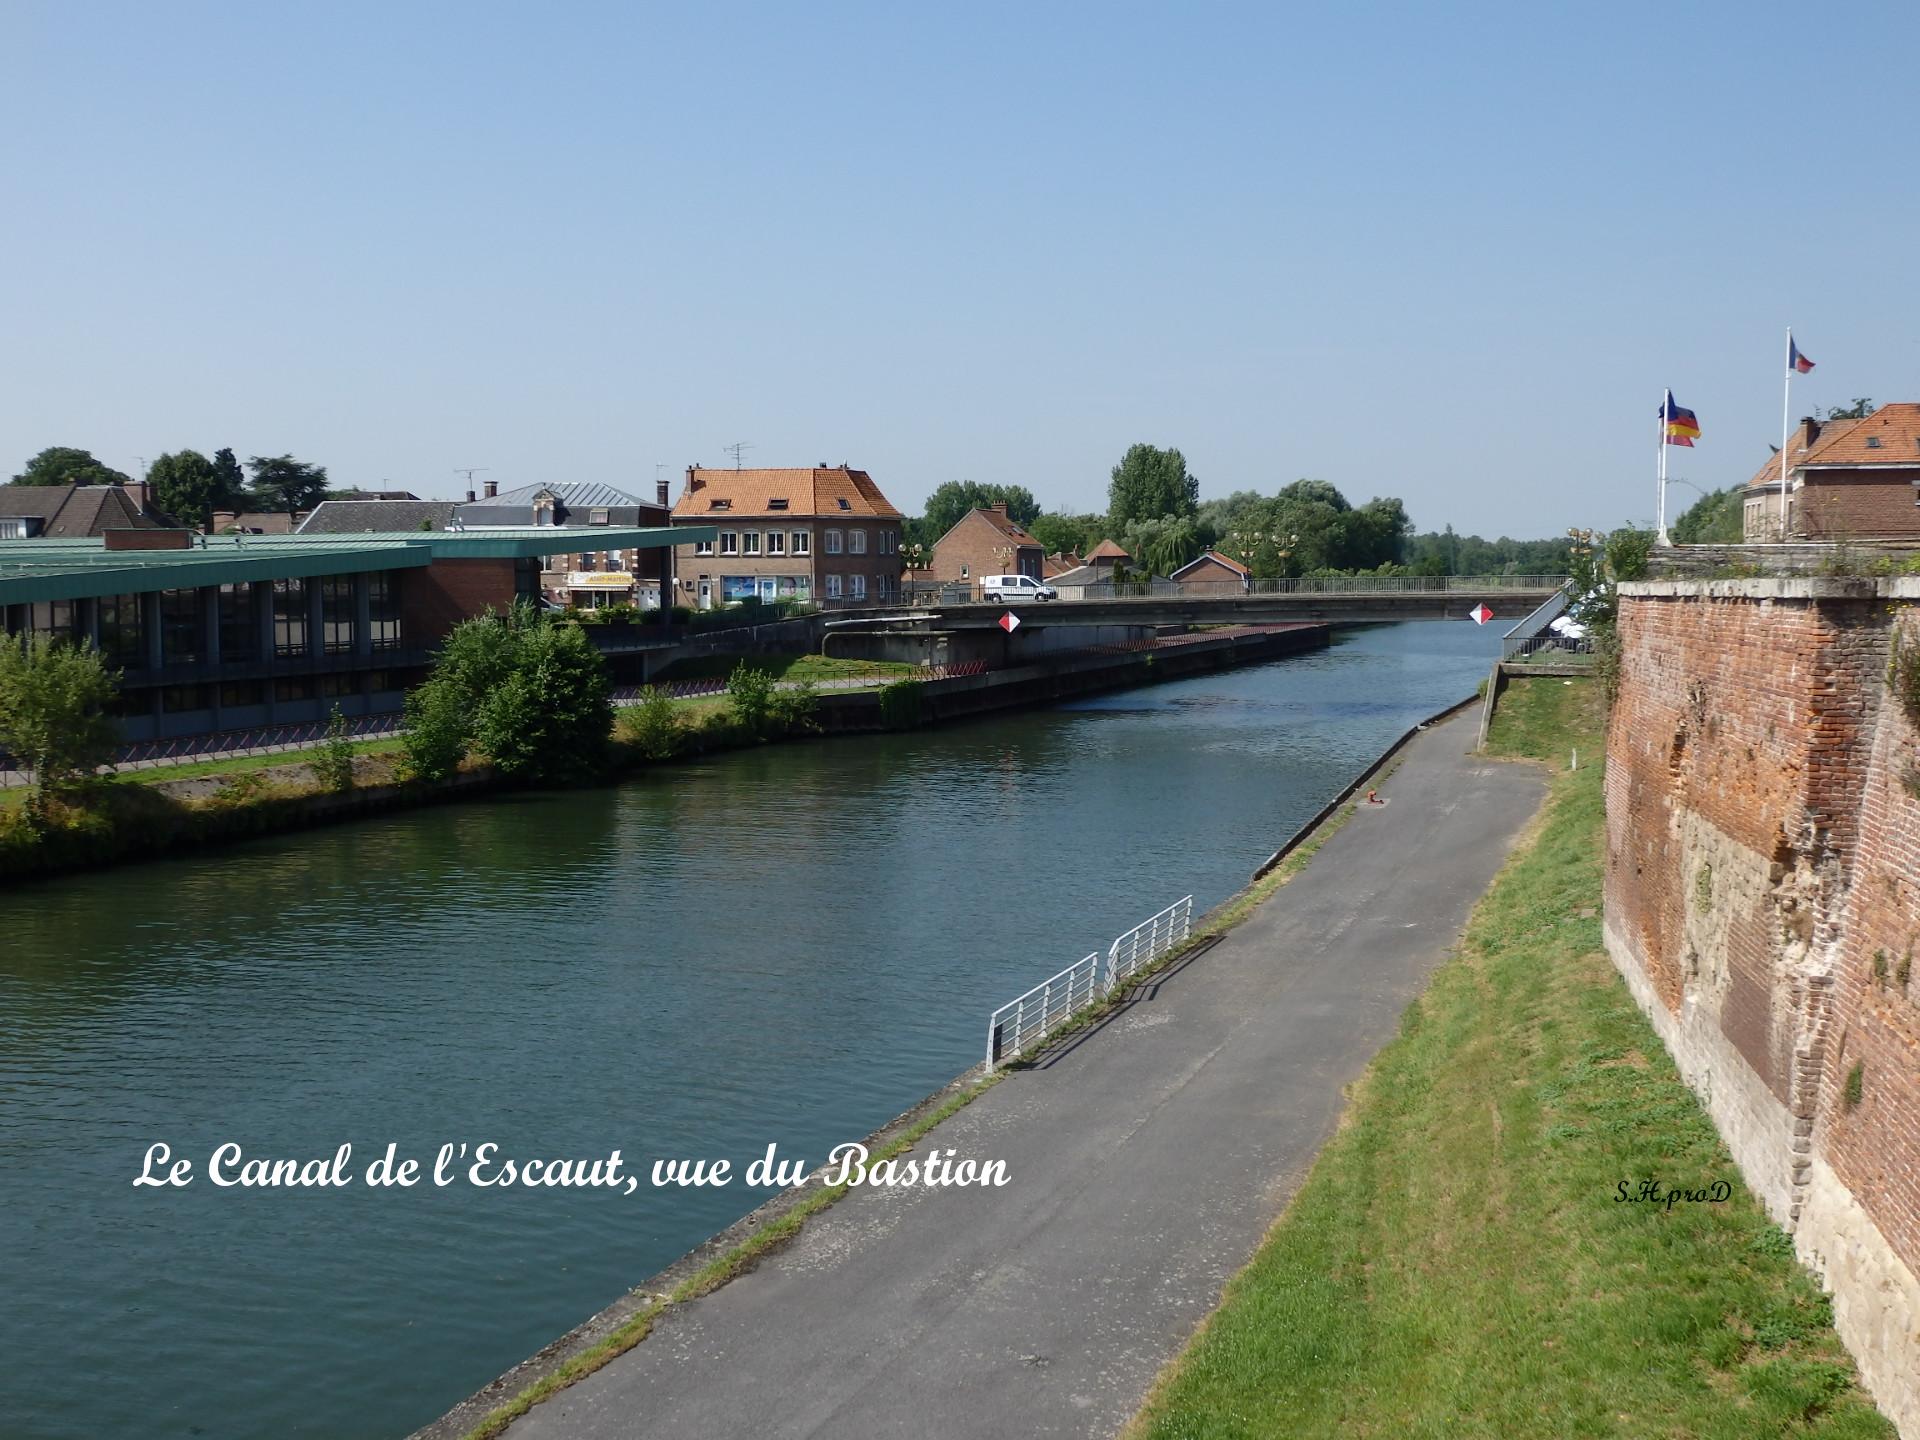 Le Canal de l-Escaut